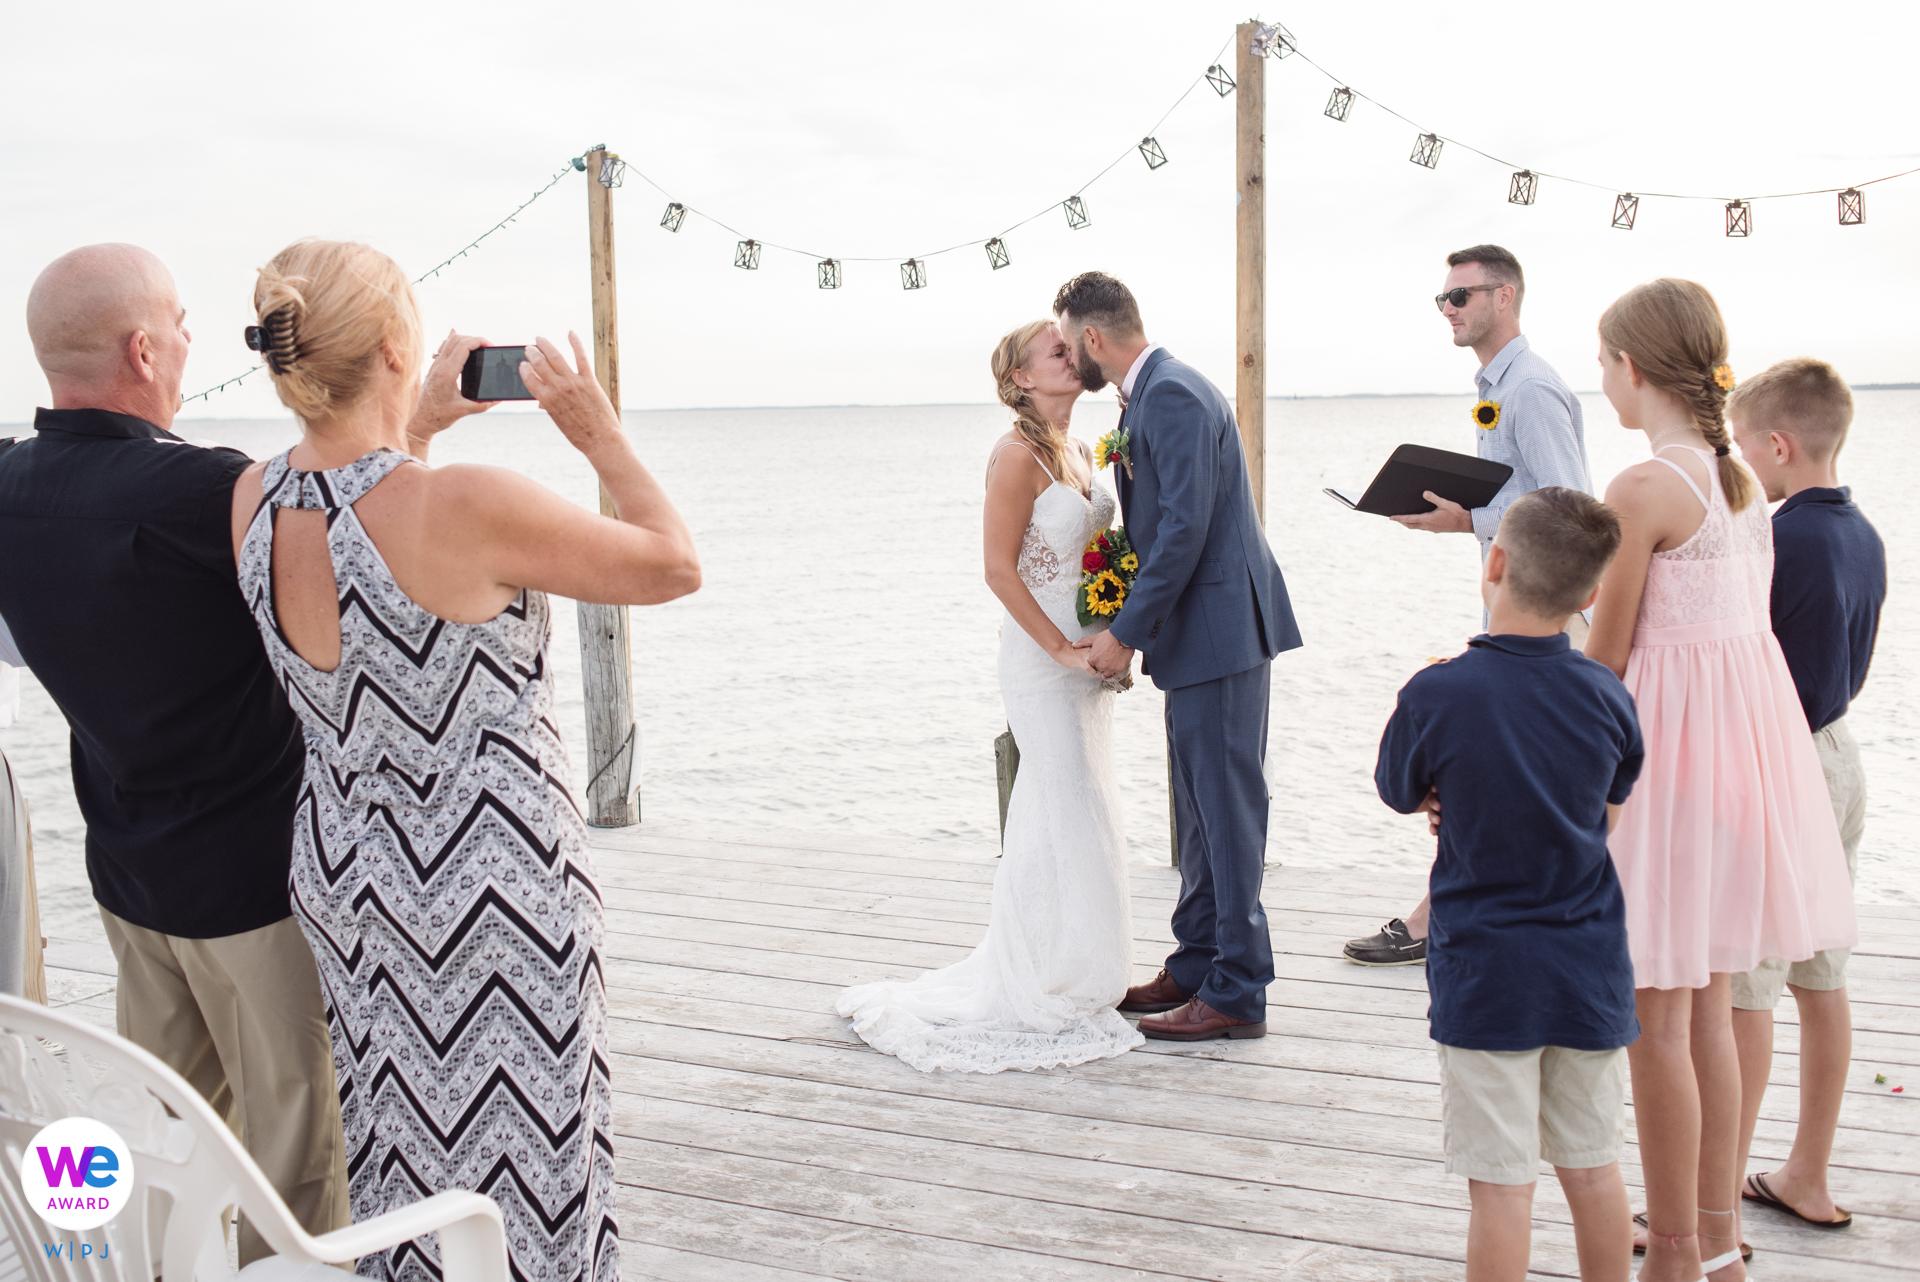 Sea Breeze, New Jersey Elopement Zeremonie Bild | Braut und Bräutigam teilen einen ersten Kuss vor ihren engsten Familienmitgliedern